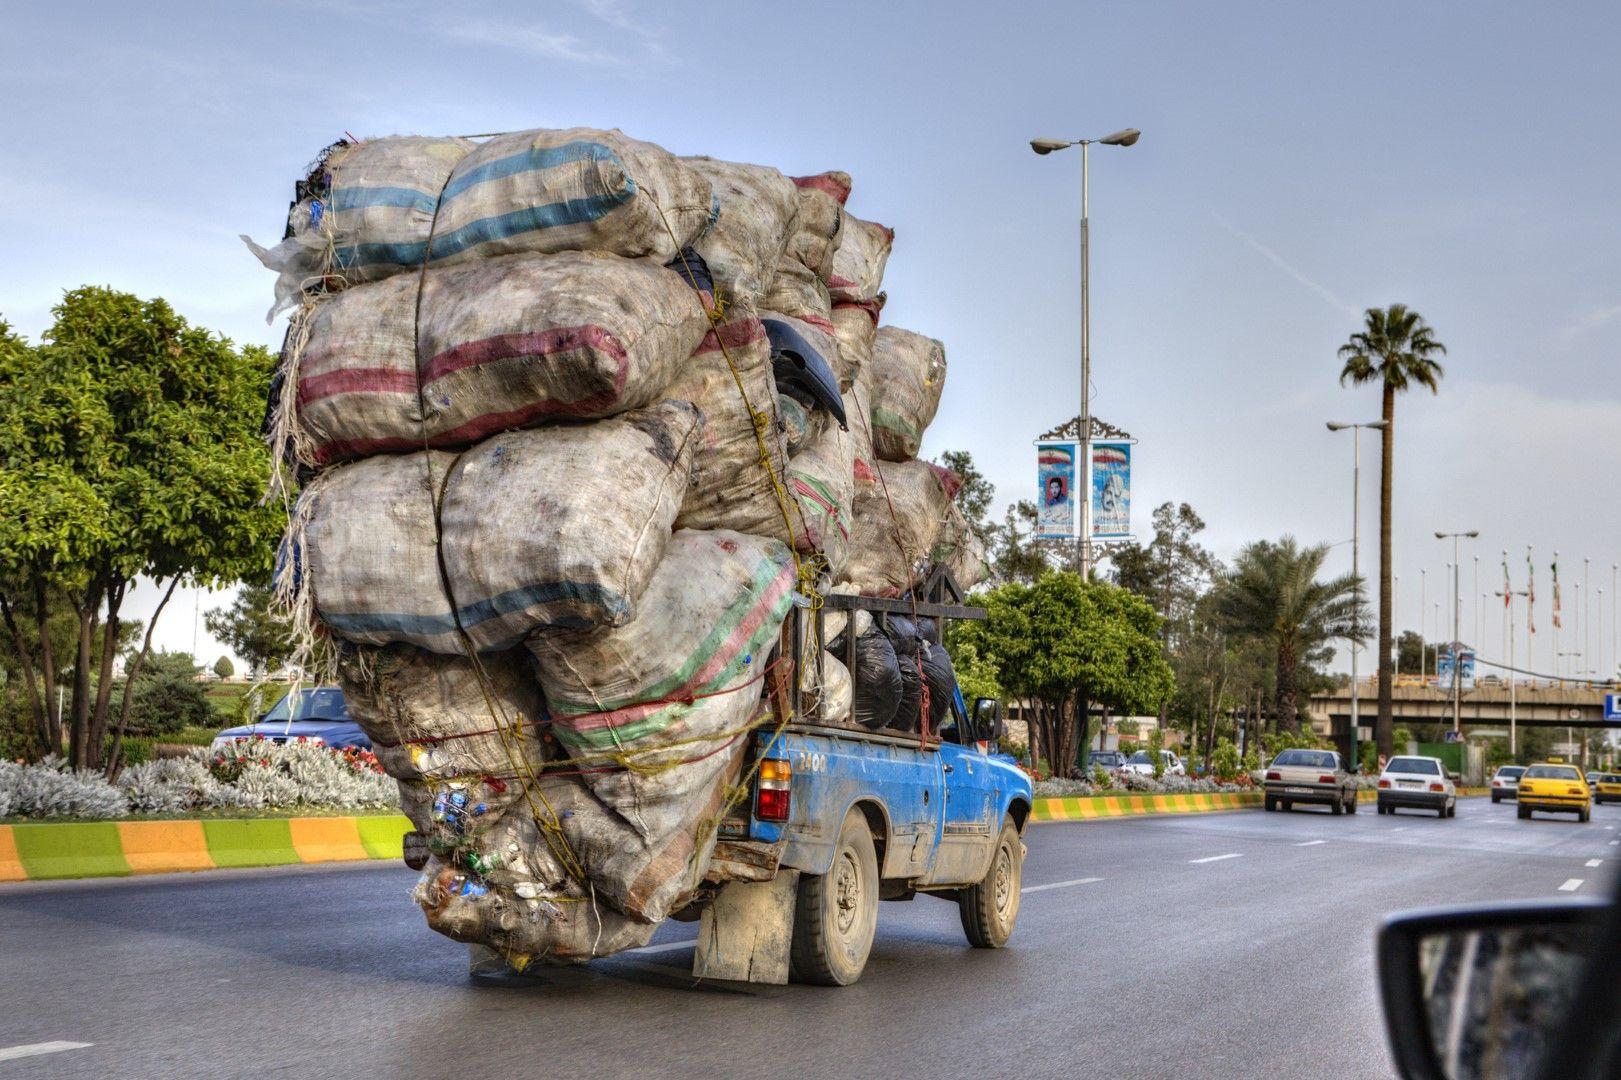 Макар претоварените превозни средства да не се срещат толкова често, колкото в други азиатски страни, и в Иран може да се видят шофьори, които предизвикват физичните закони.